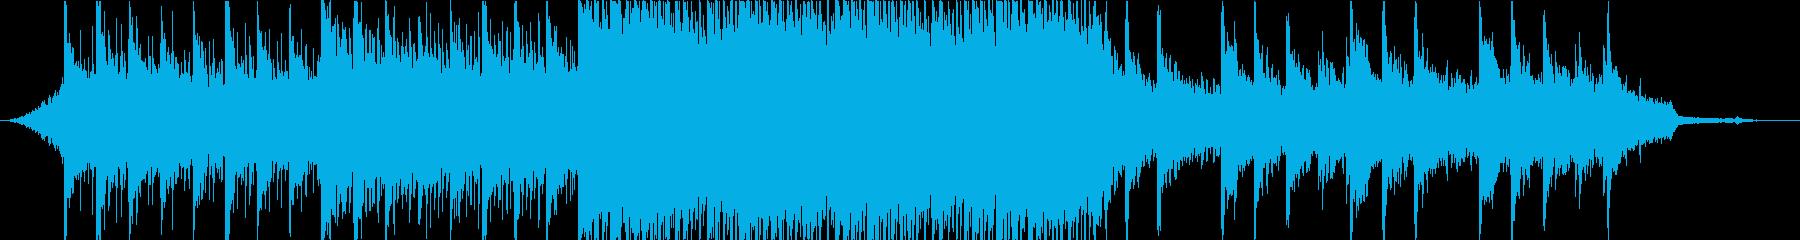 【BGM】爽やかなアップビートポップの再生済みの波形